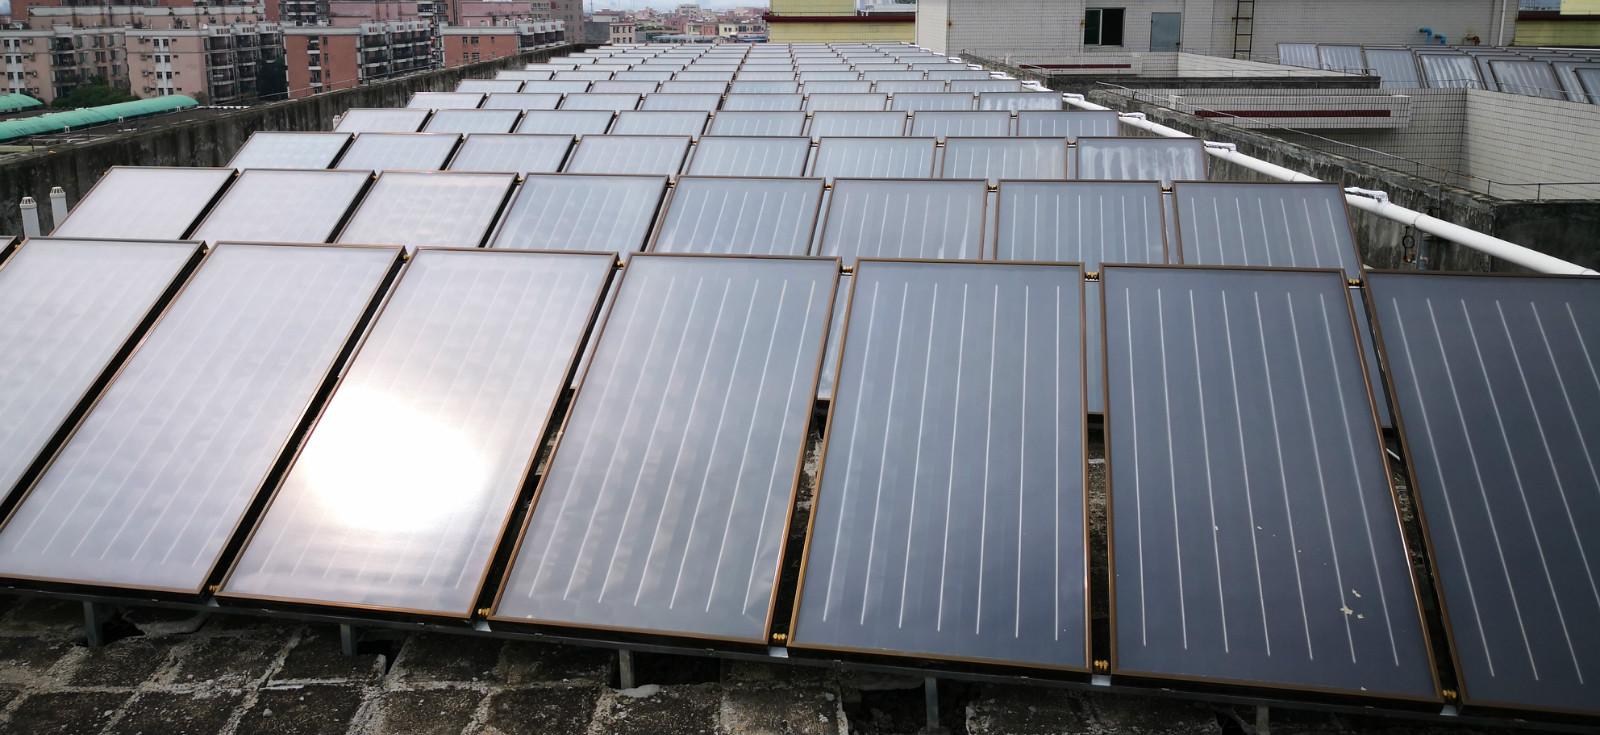 工厂热水工程,太阳能热水器